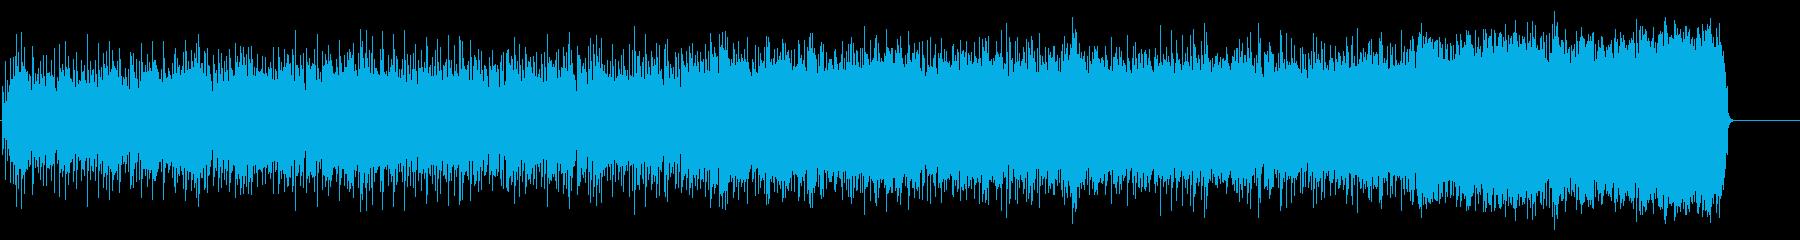 躍動感みなぎるダイナミックなハードロックの再生済みの波形